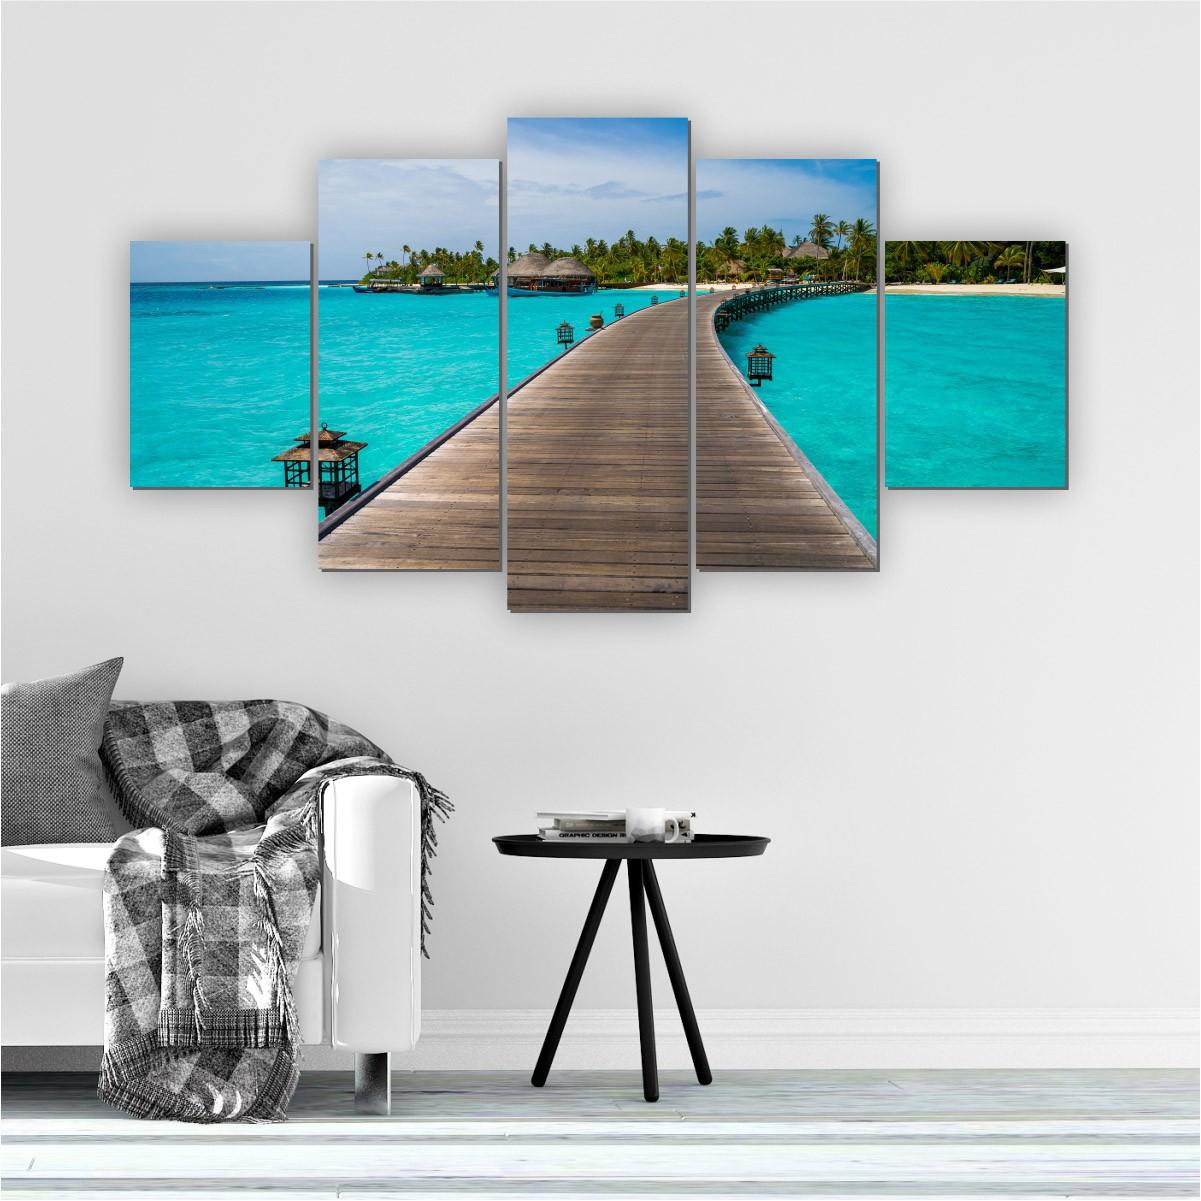 Quadros Decorativos Mosaico Quarto Sala Maldivas 5 peças